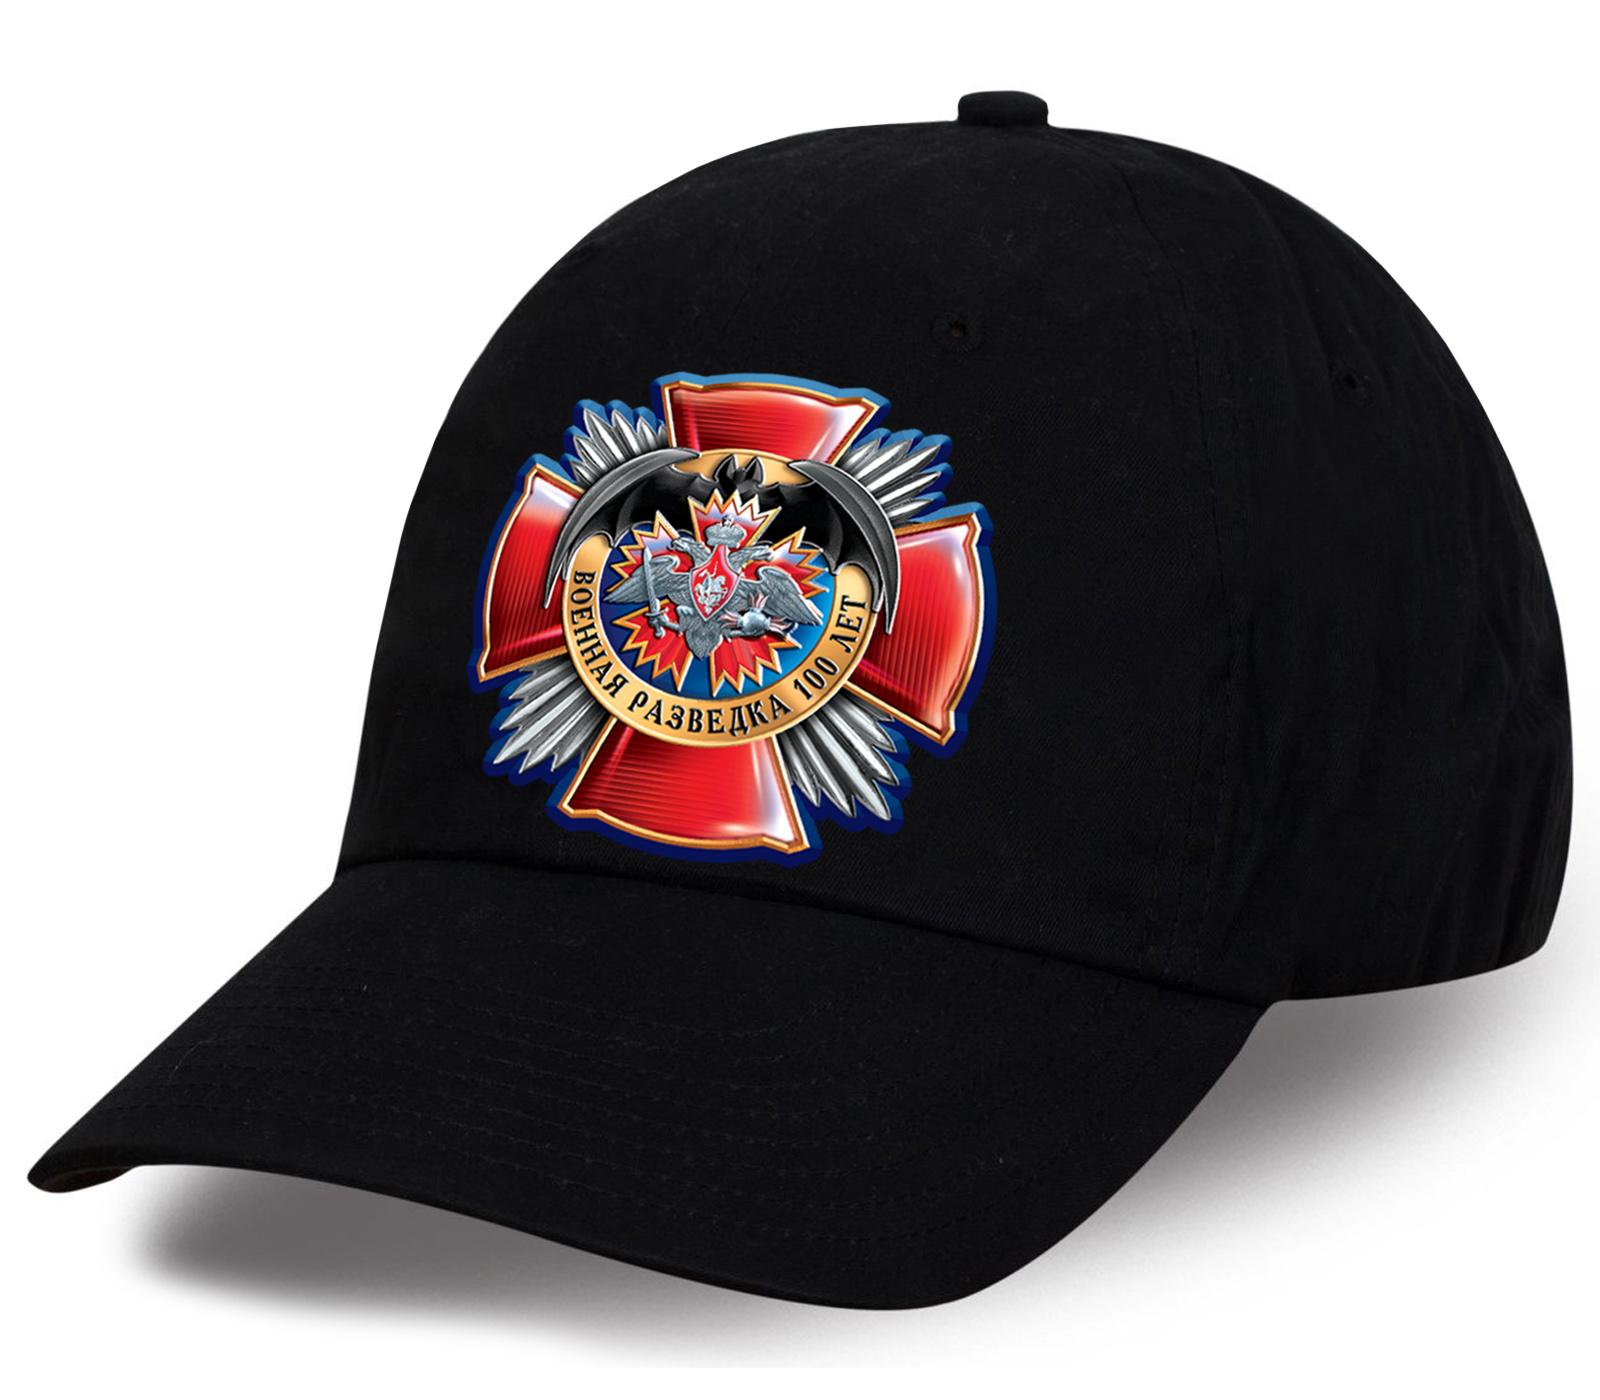 Неподражаемая бейсболка с эффектным принтом юбилейного креста 100 лет Военной разведки от Военпро. Отличный подарок настоящим мужчинам!